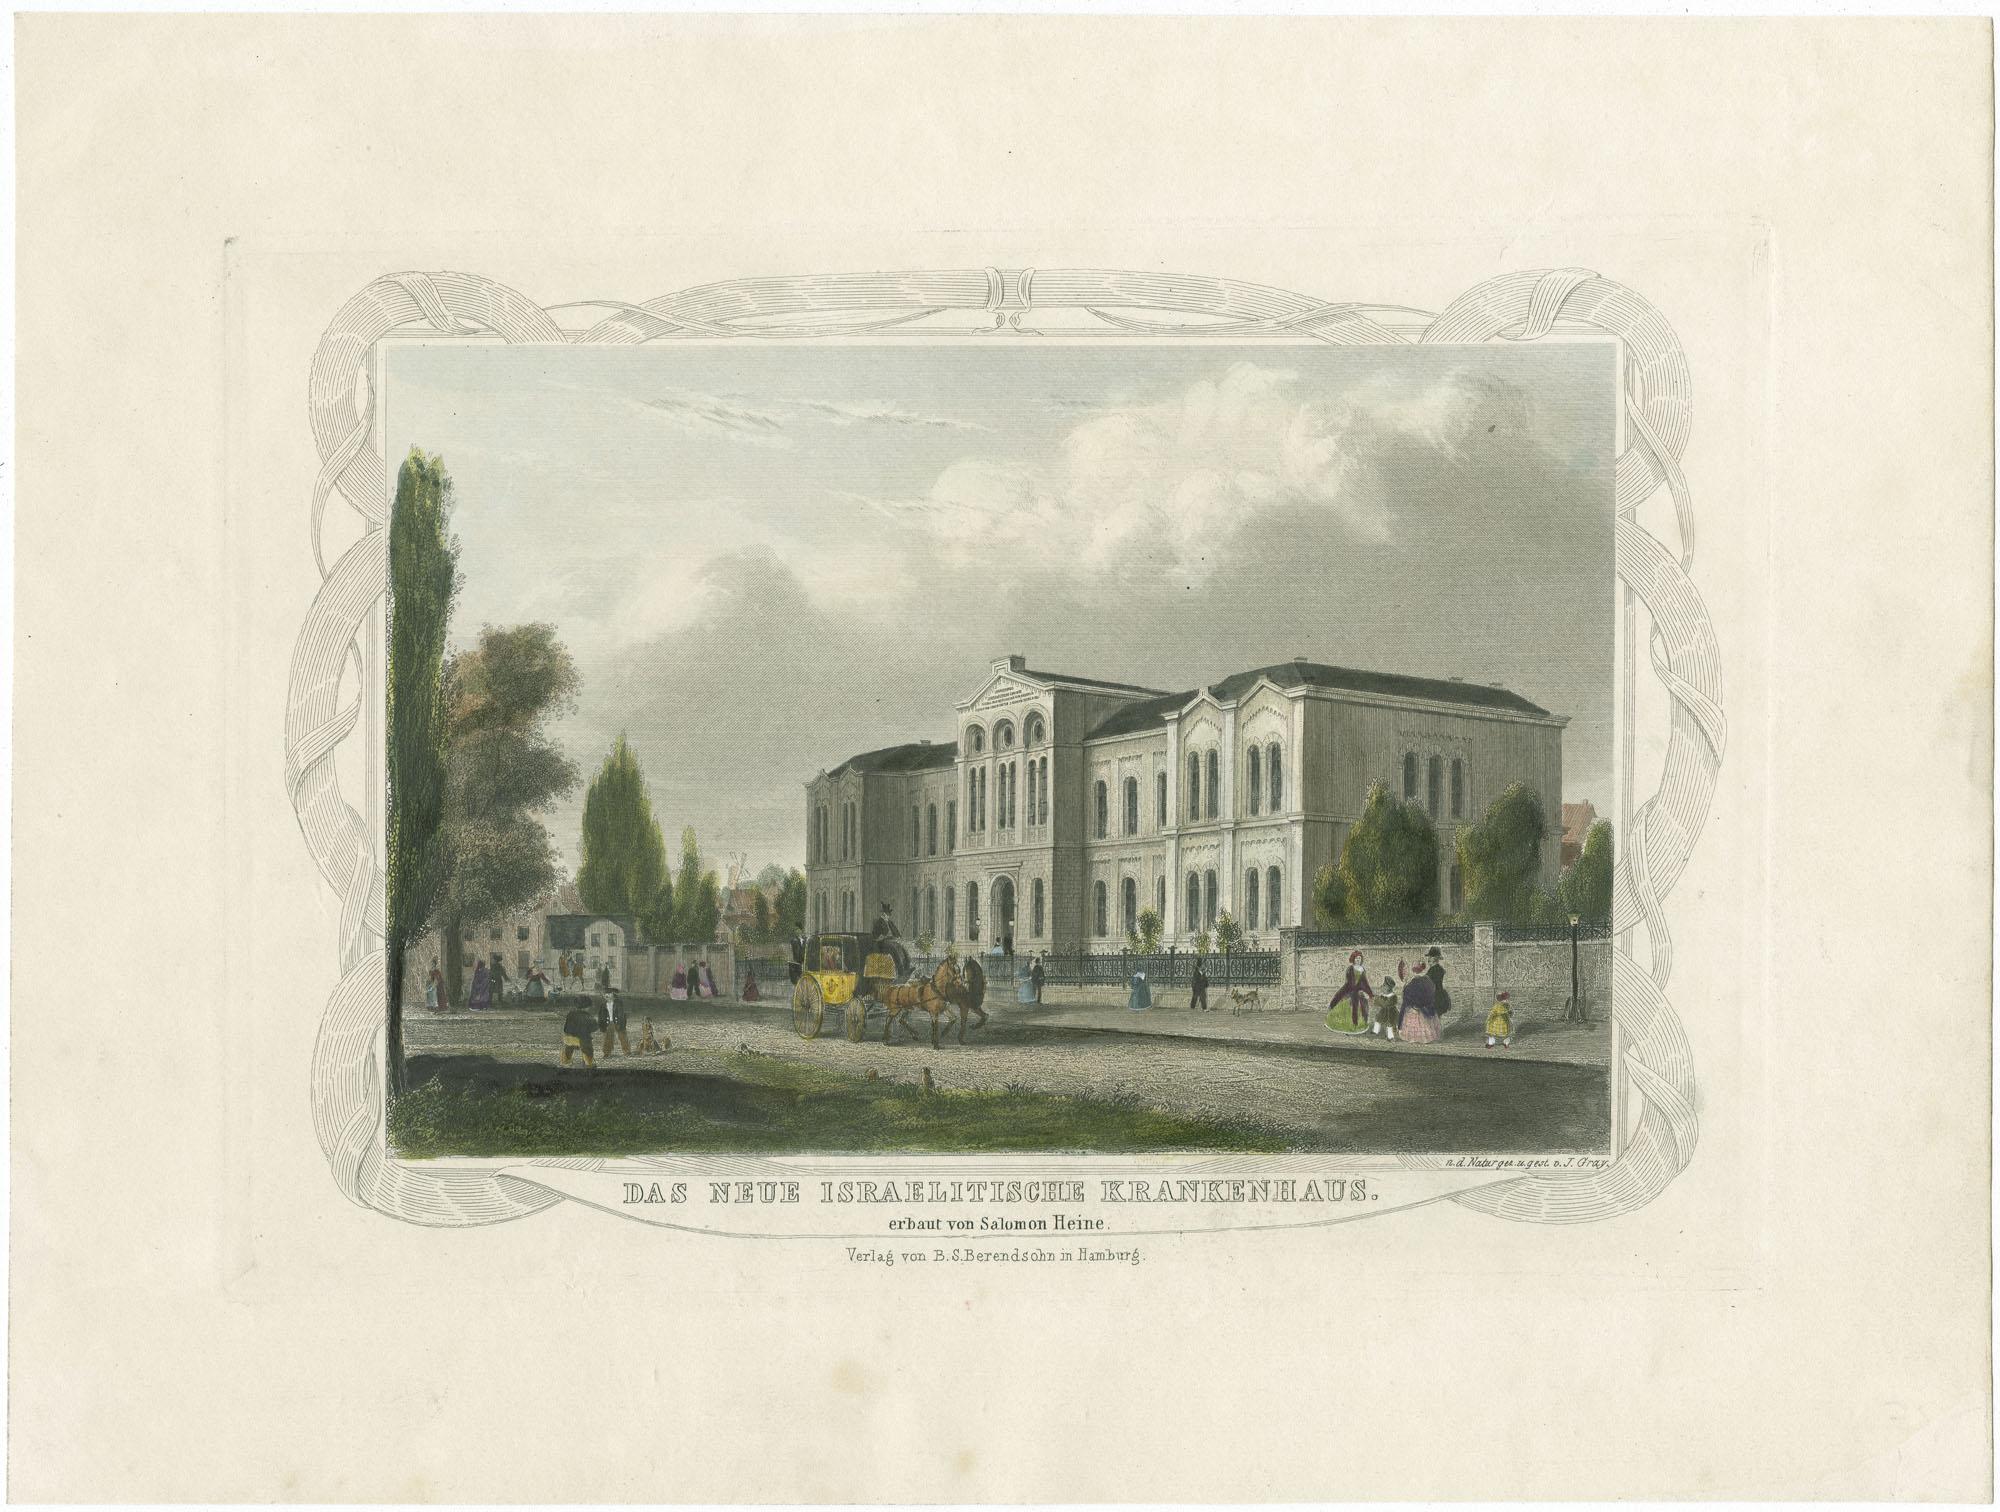 Das neue israelitische Krankenhaus. Erbaut von Salomon Heine.